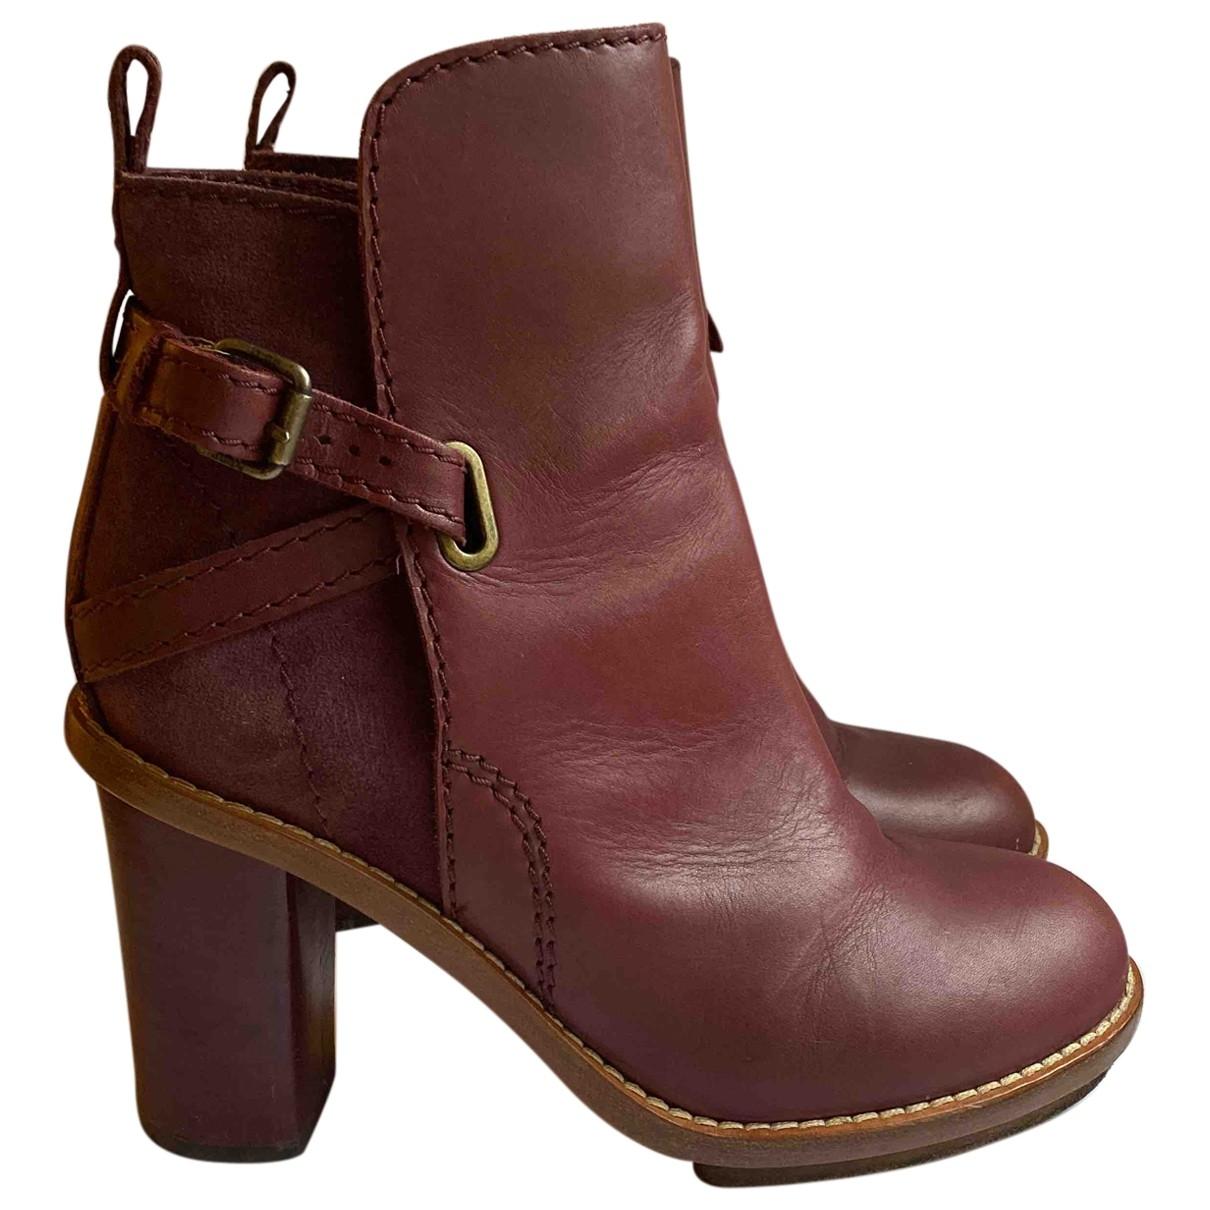 Acne Studios - Boots Cypress pour femme en cuir - bordeaux